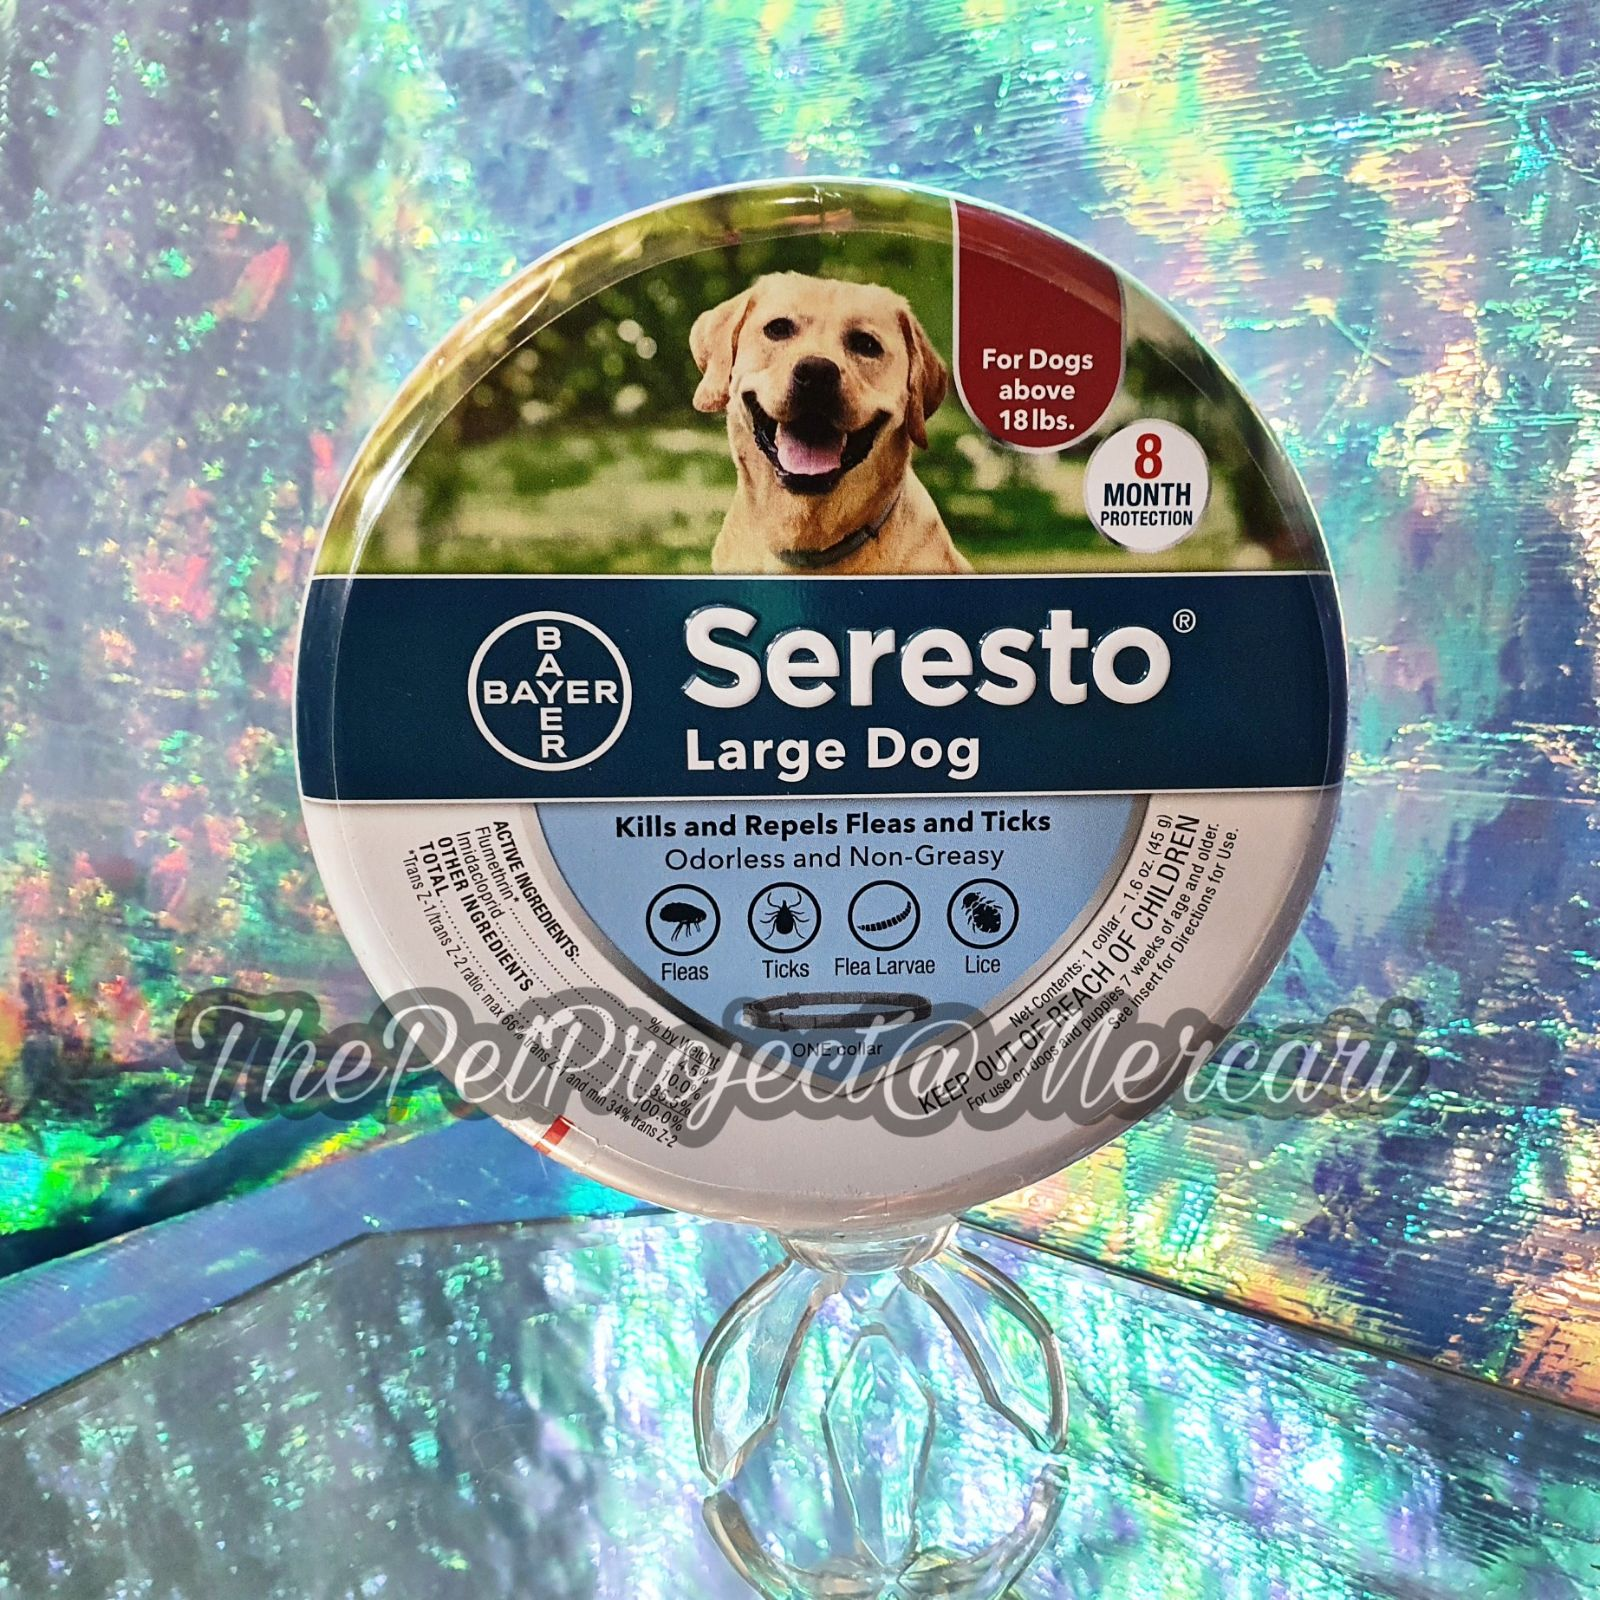 SERESTO LARGE DOG